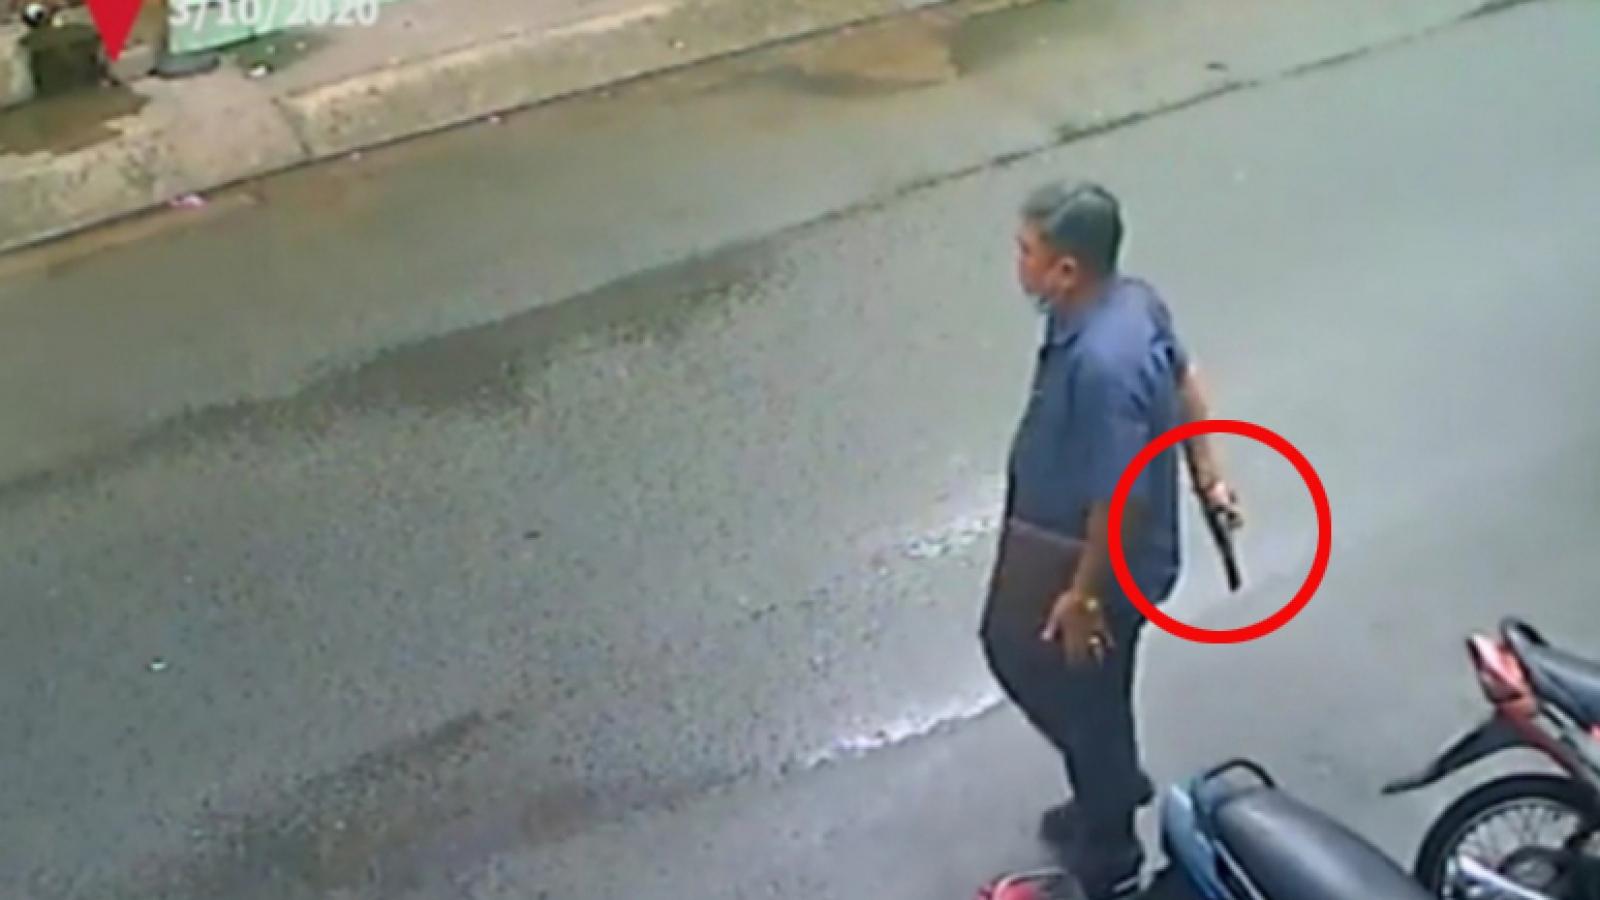 Công an triệu tậpngười đàn ông rút súng thị uy giữa đường